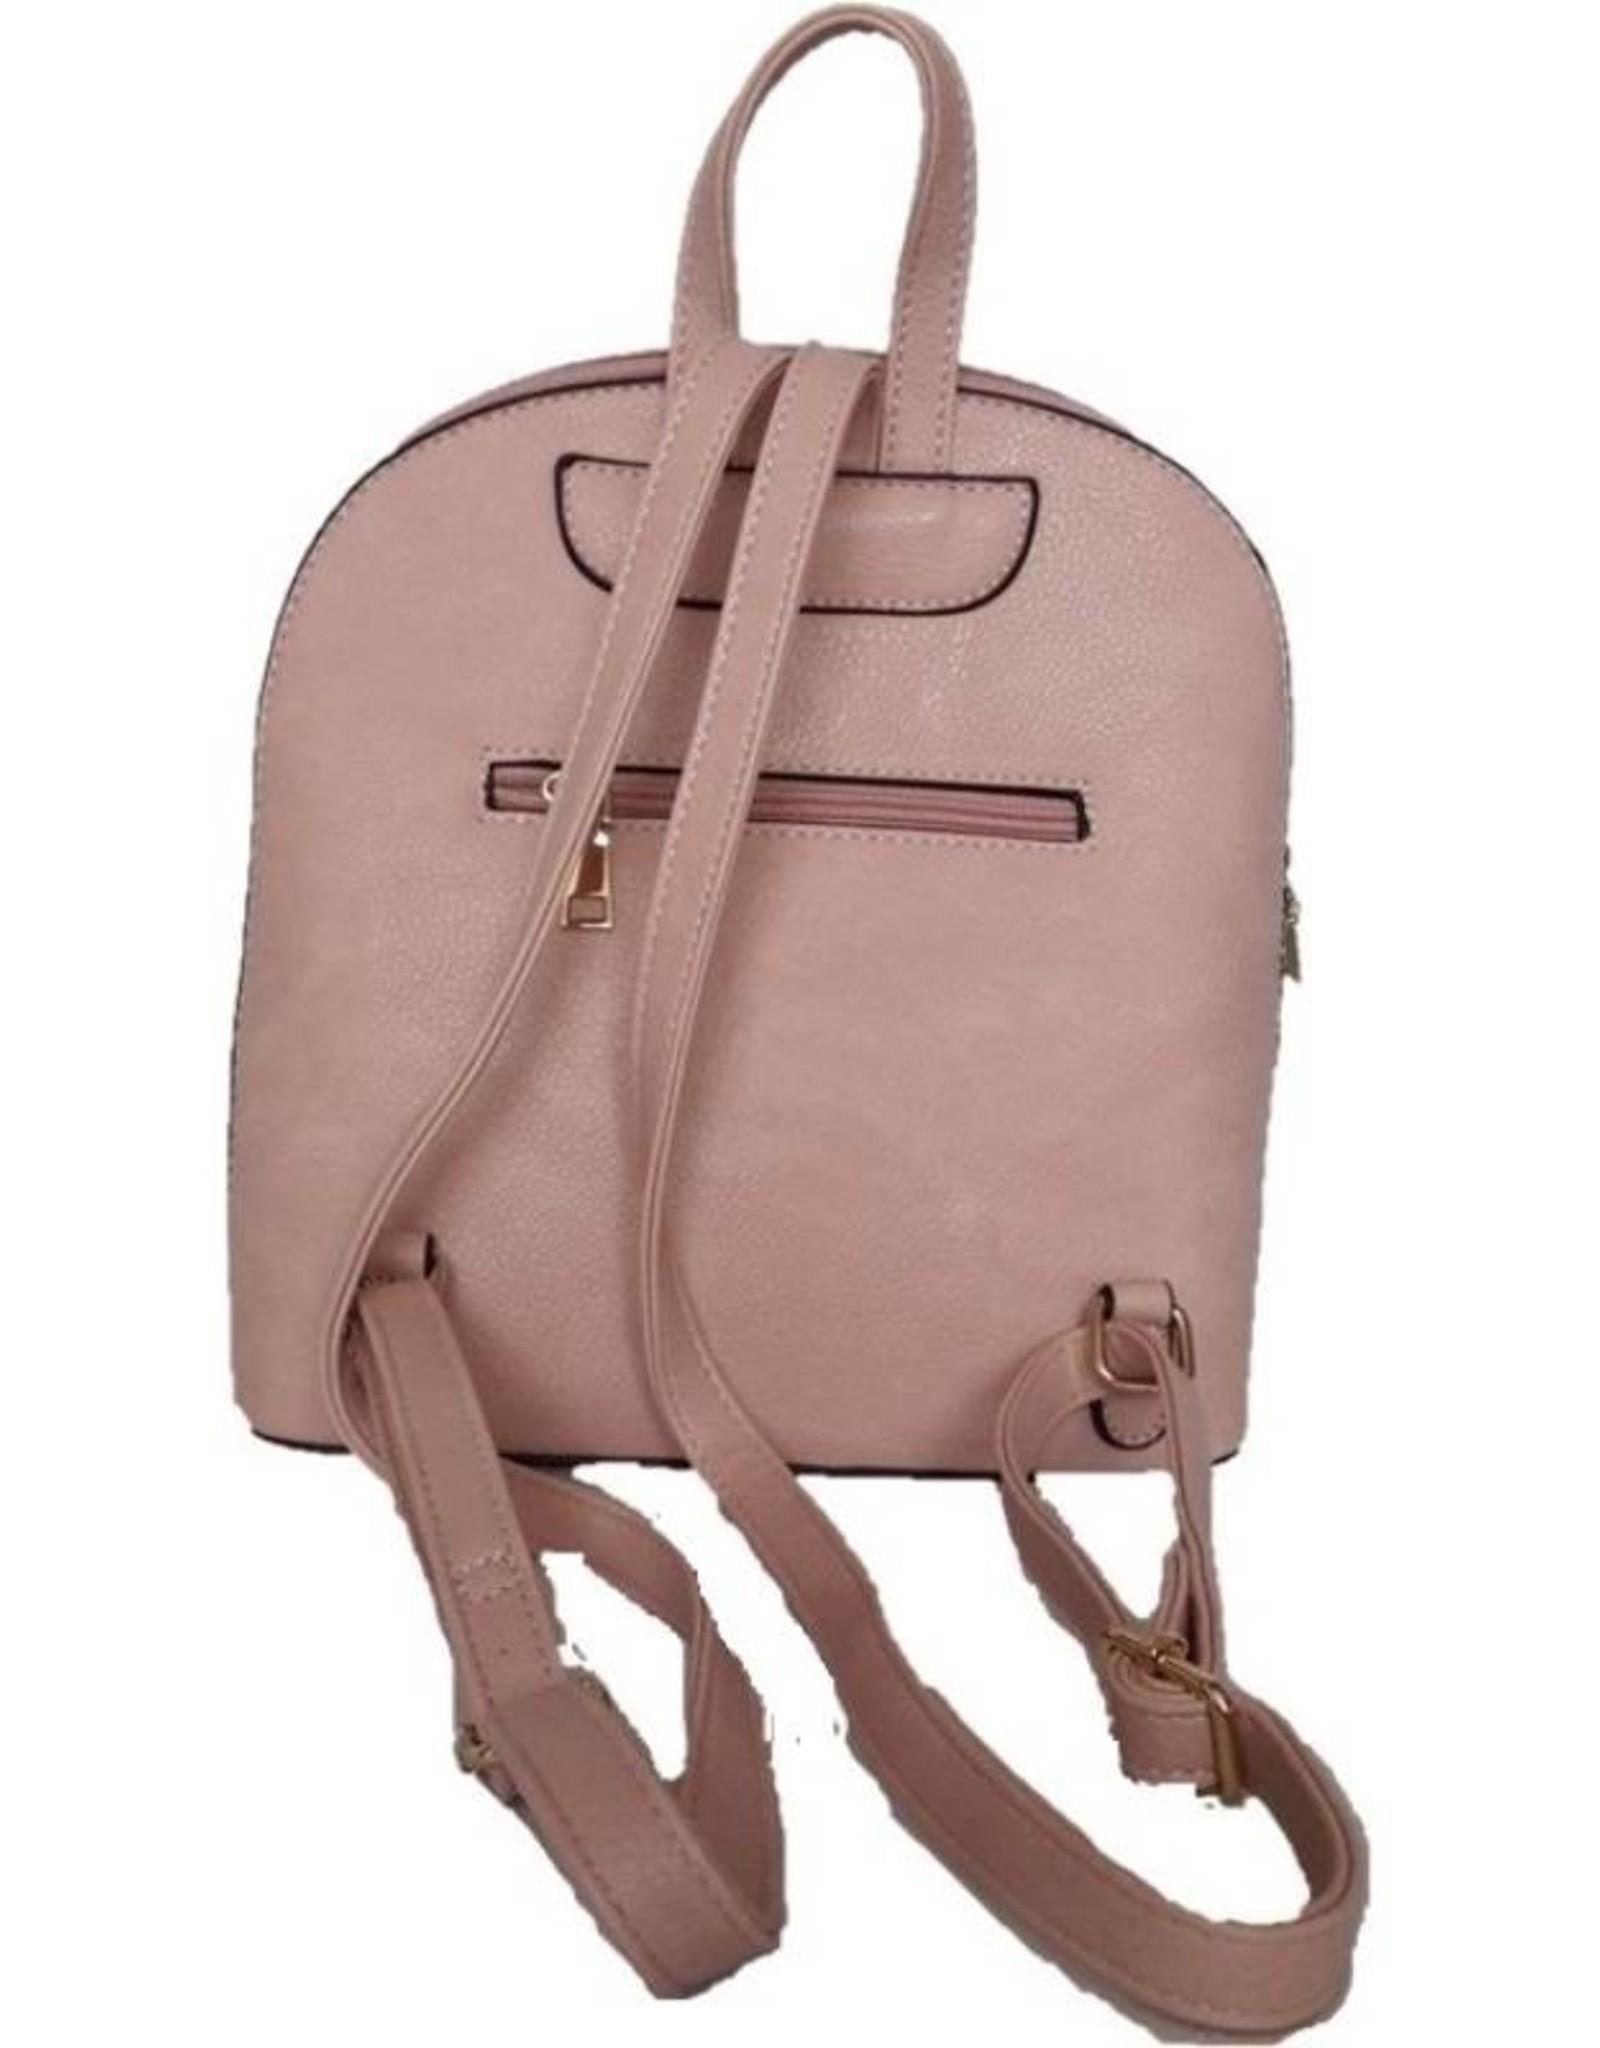 Trukado Backpacks - Fashion multicolor backpack 2102e